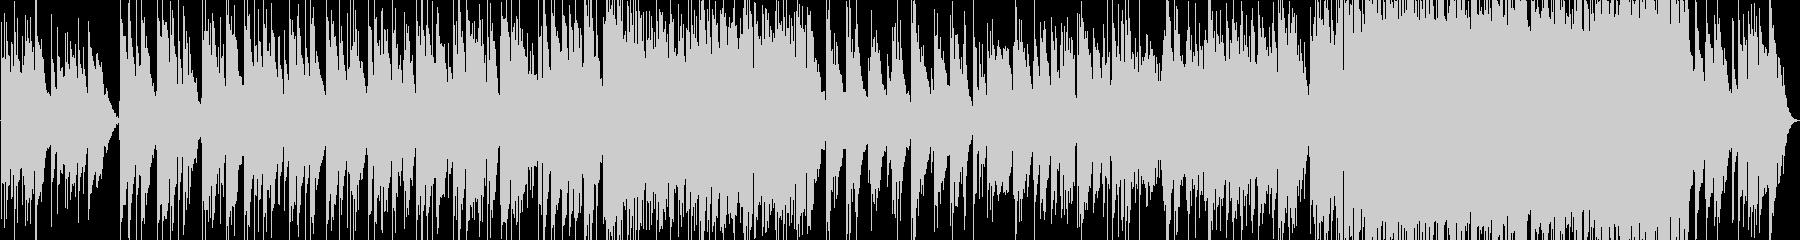 悲しく切ないアコギバラードの未再生の波形